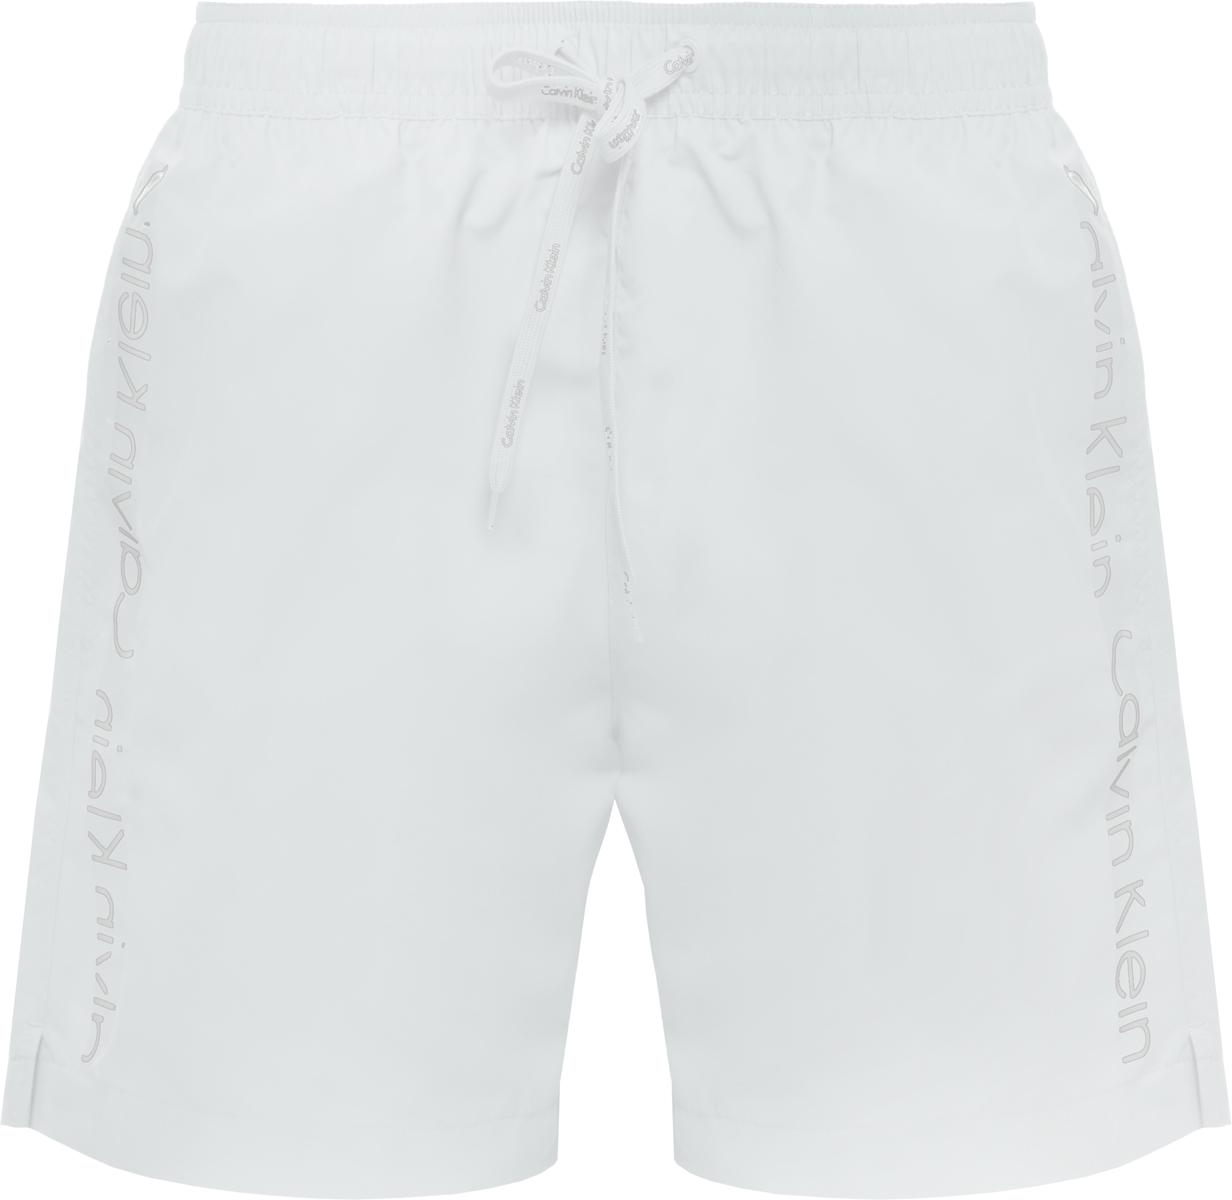 Шорты купальные мужские Calvin Klein Underwear выполнены из полиэстера. Модель дополнена затягивающимся шнурком.